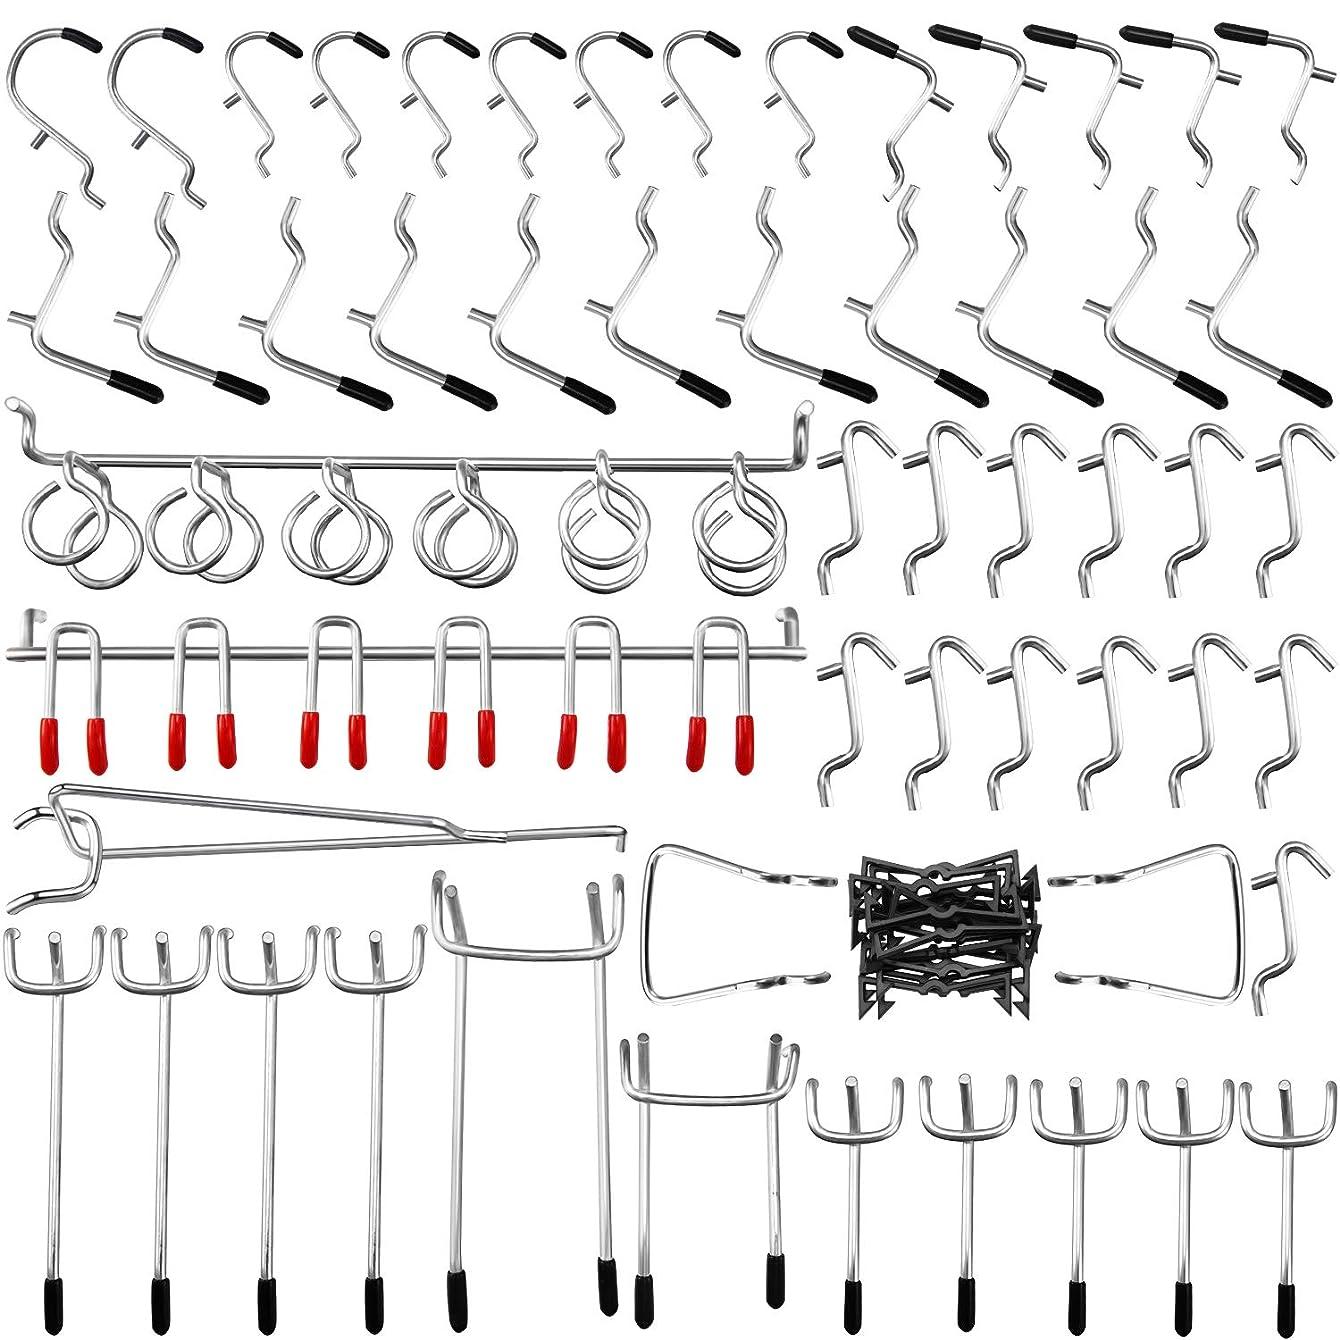 Pegboard Hooks Assortment, 54Pcs Pegboard Hook Organizer Accessories Set with 20Pcs Peg Locks